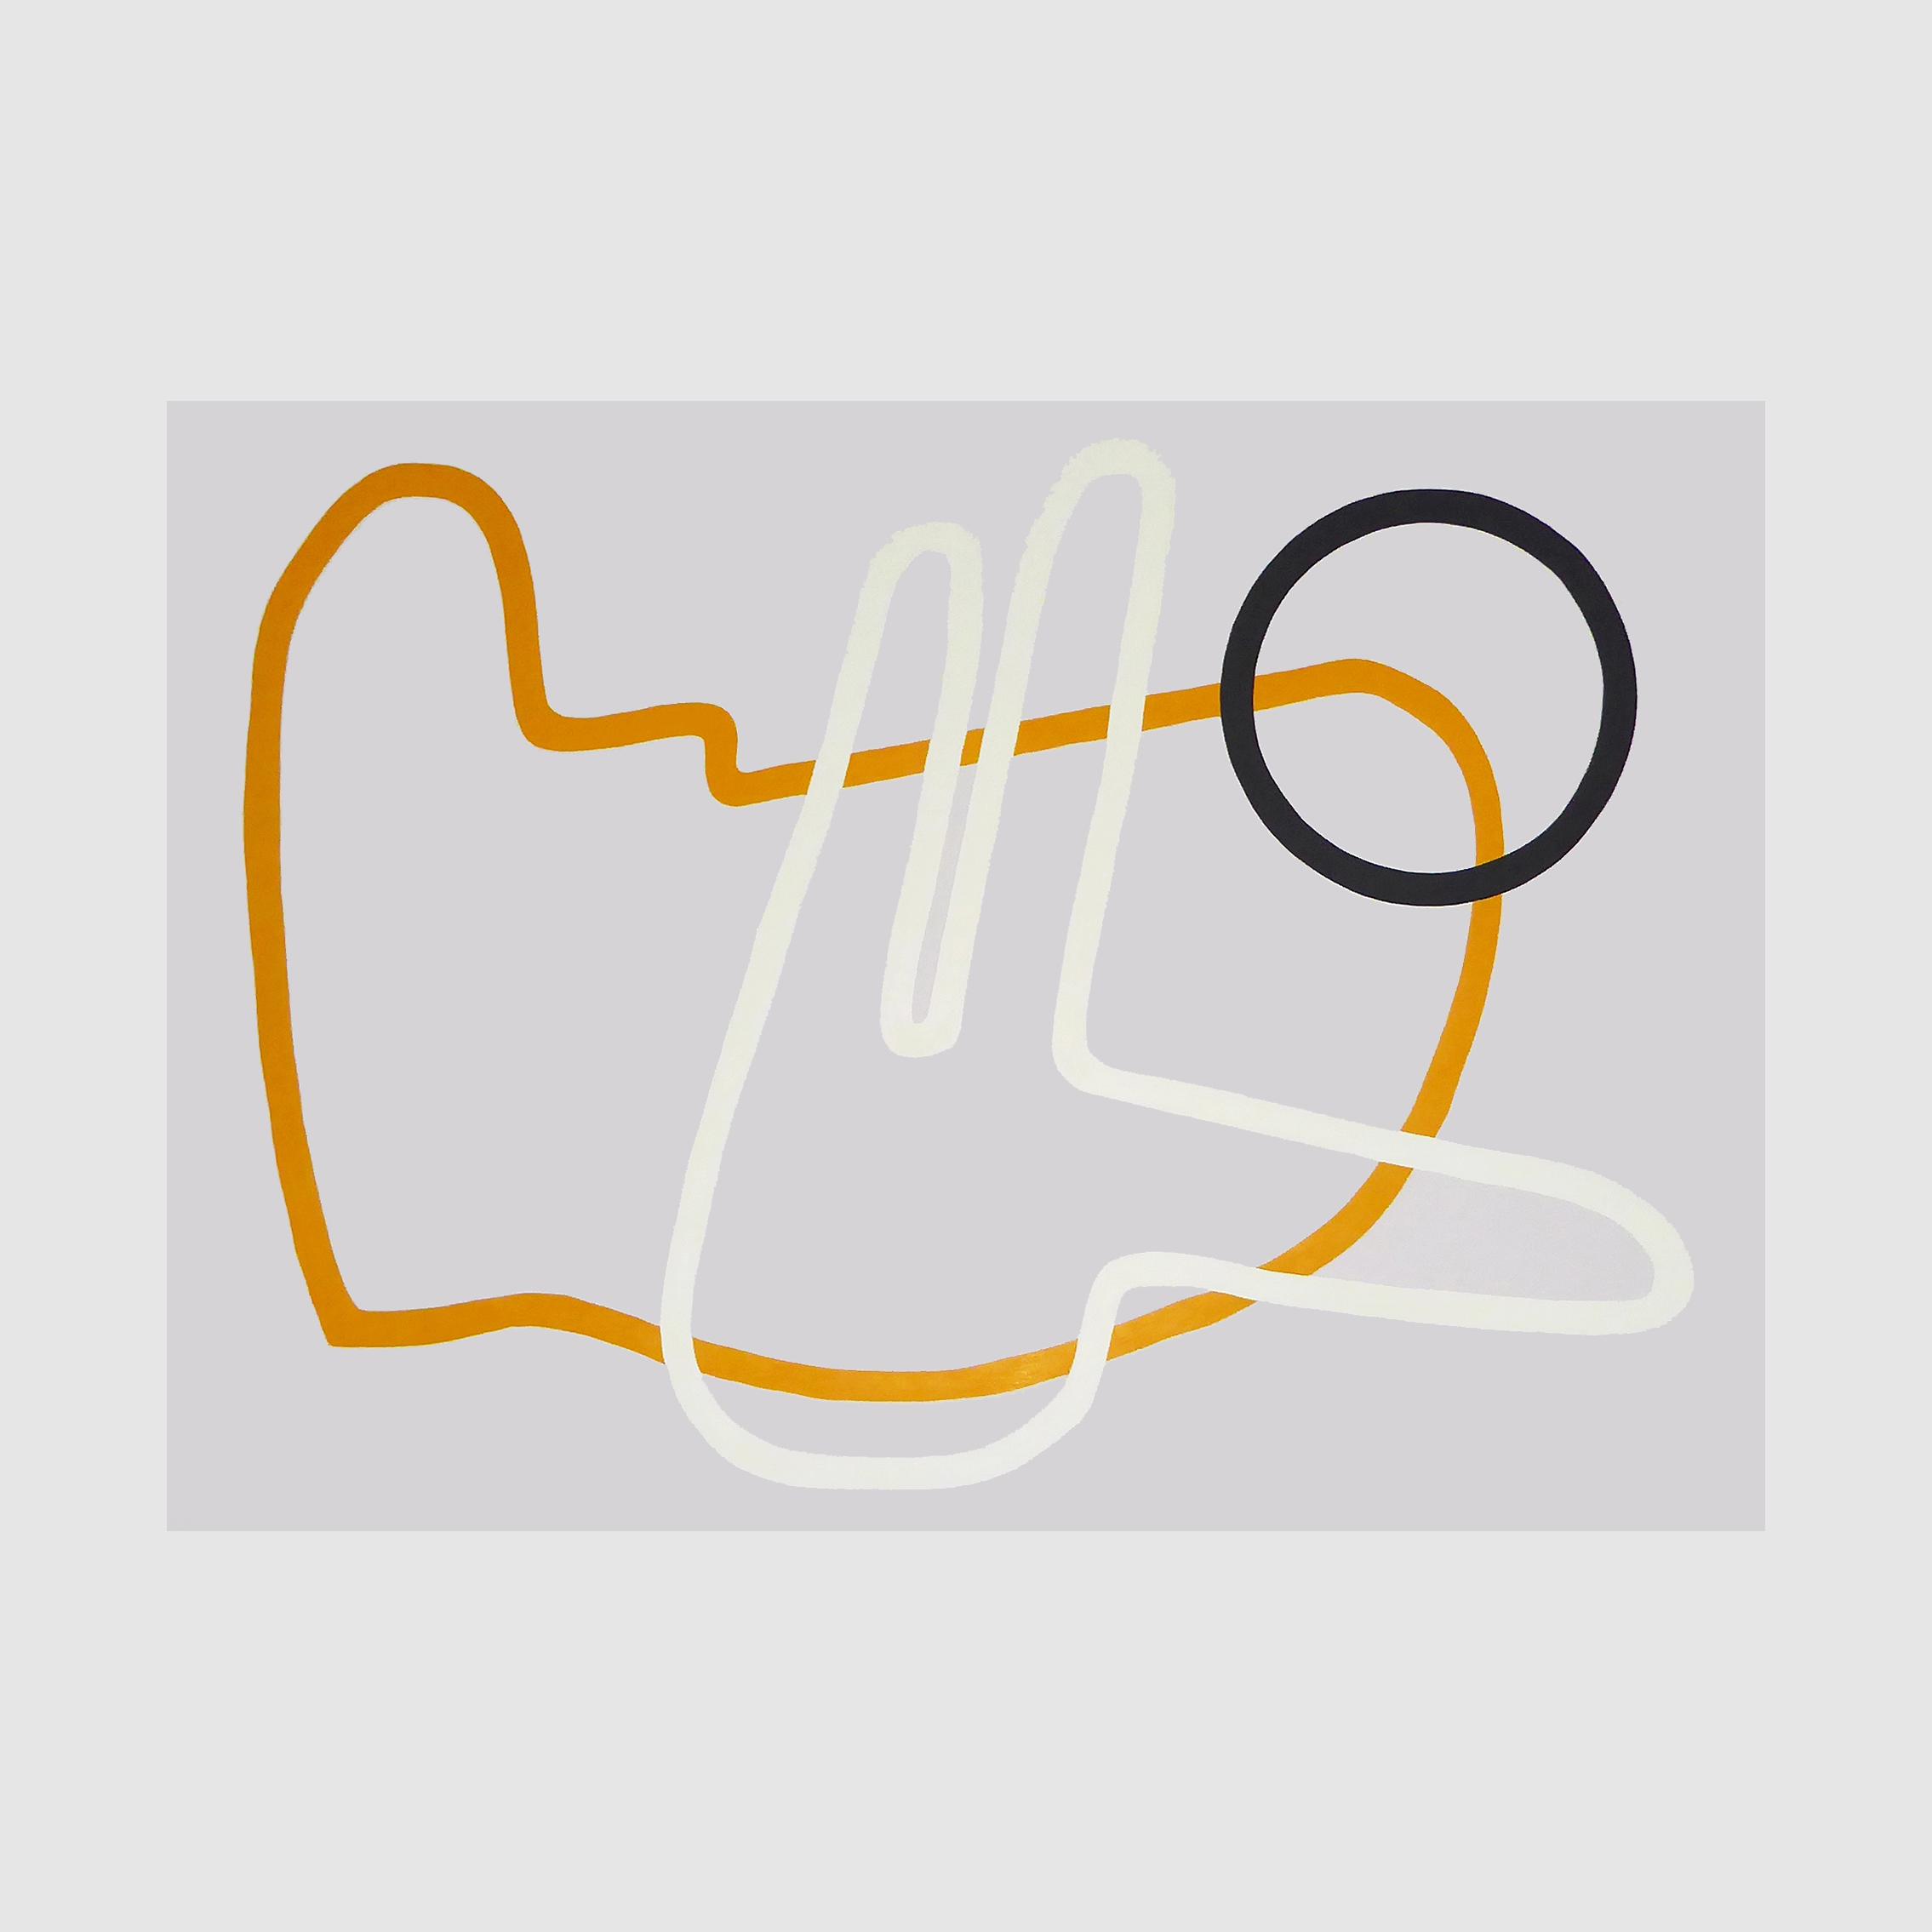 doodle-1.jpg